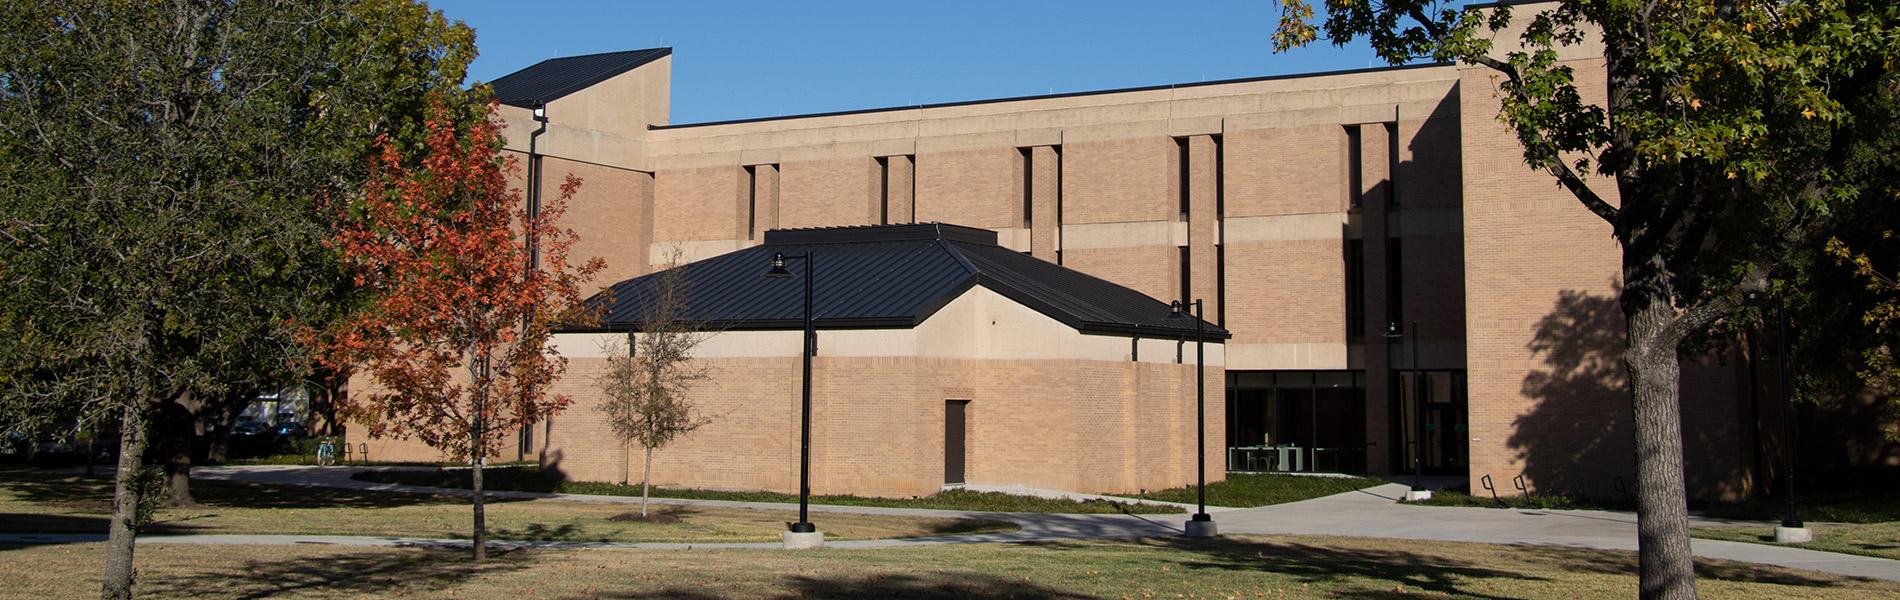 Art Building west entrance